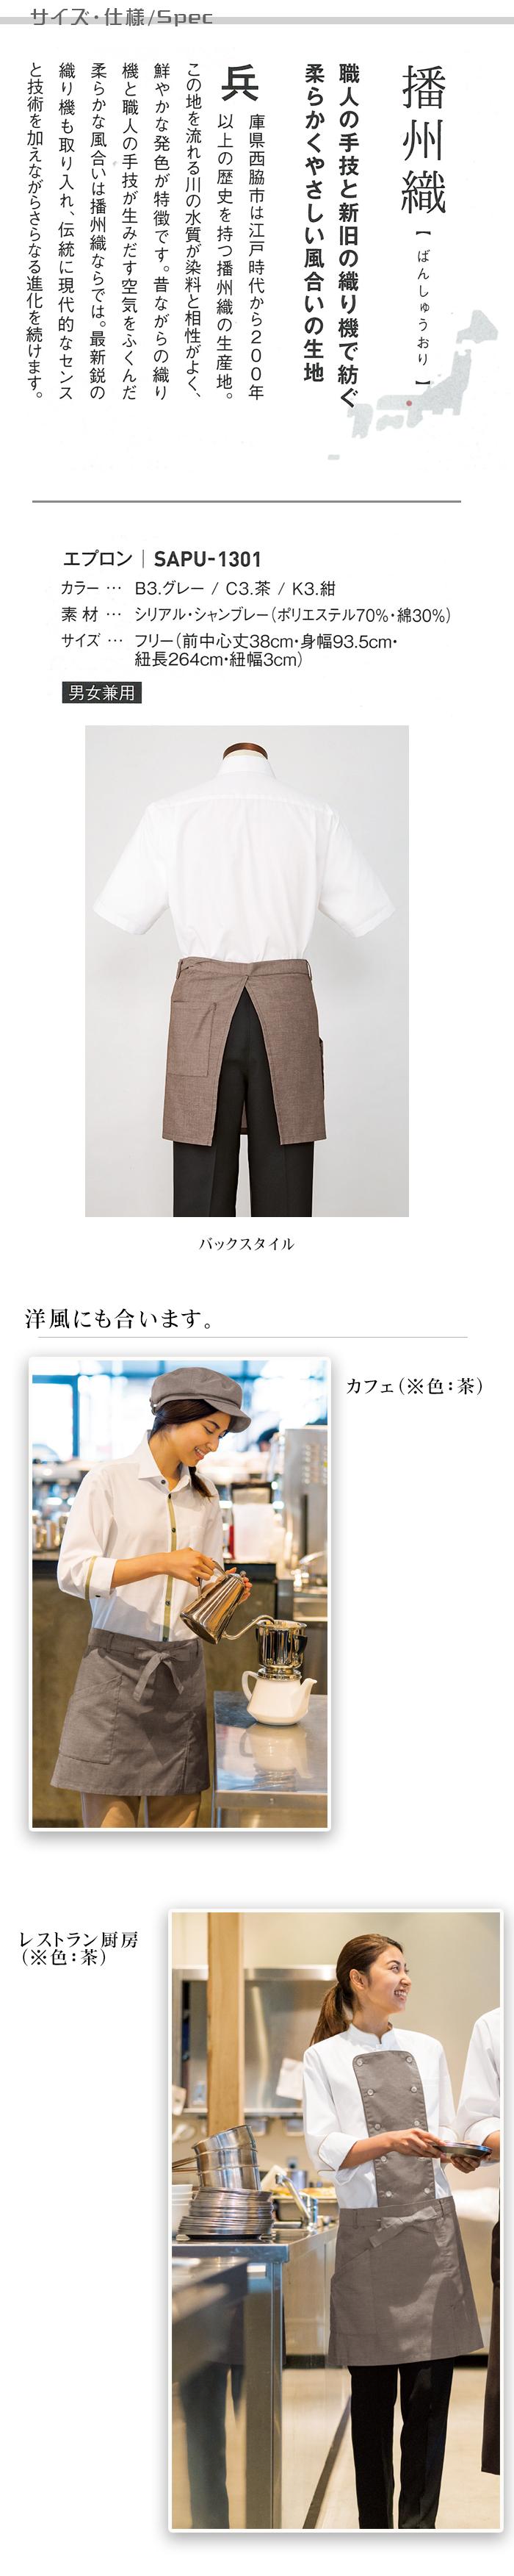 飲食店販売店制服ショートエプロン 落ち着いた色3色 和にも洋風にも使える便利前掛け 商品サイズ、スペック説明